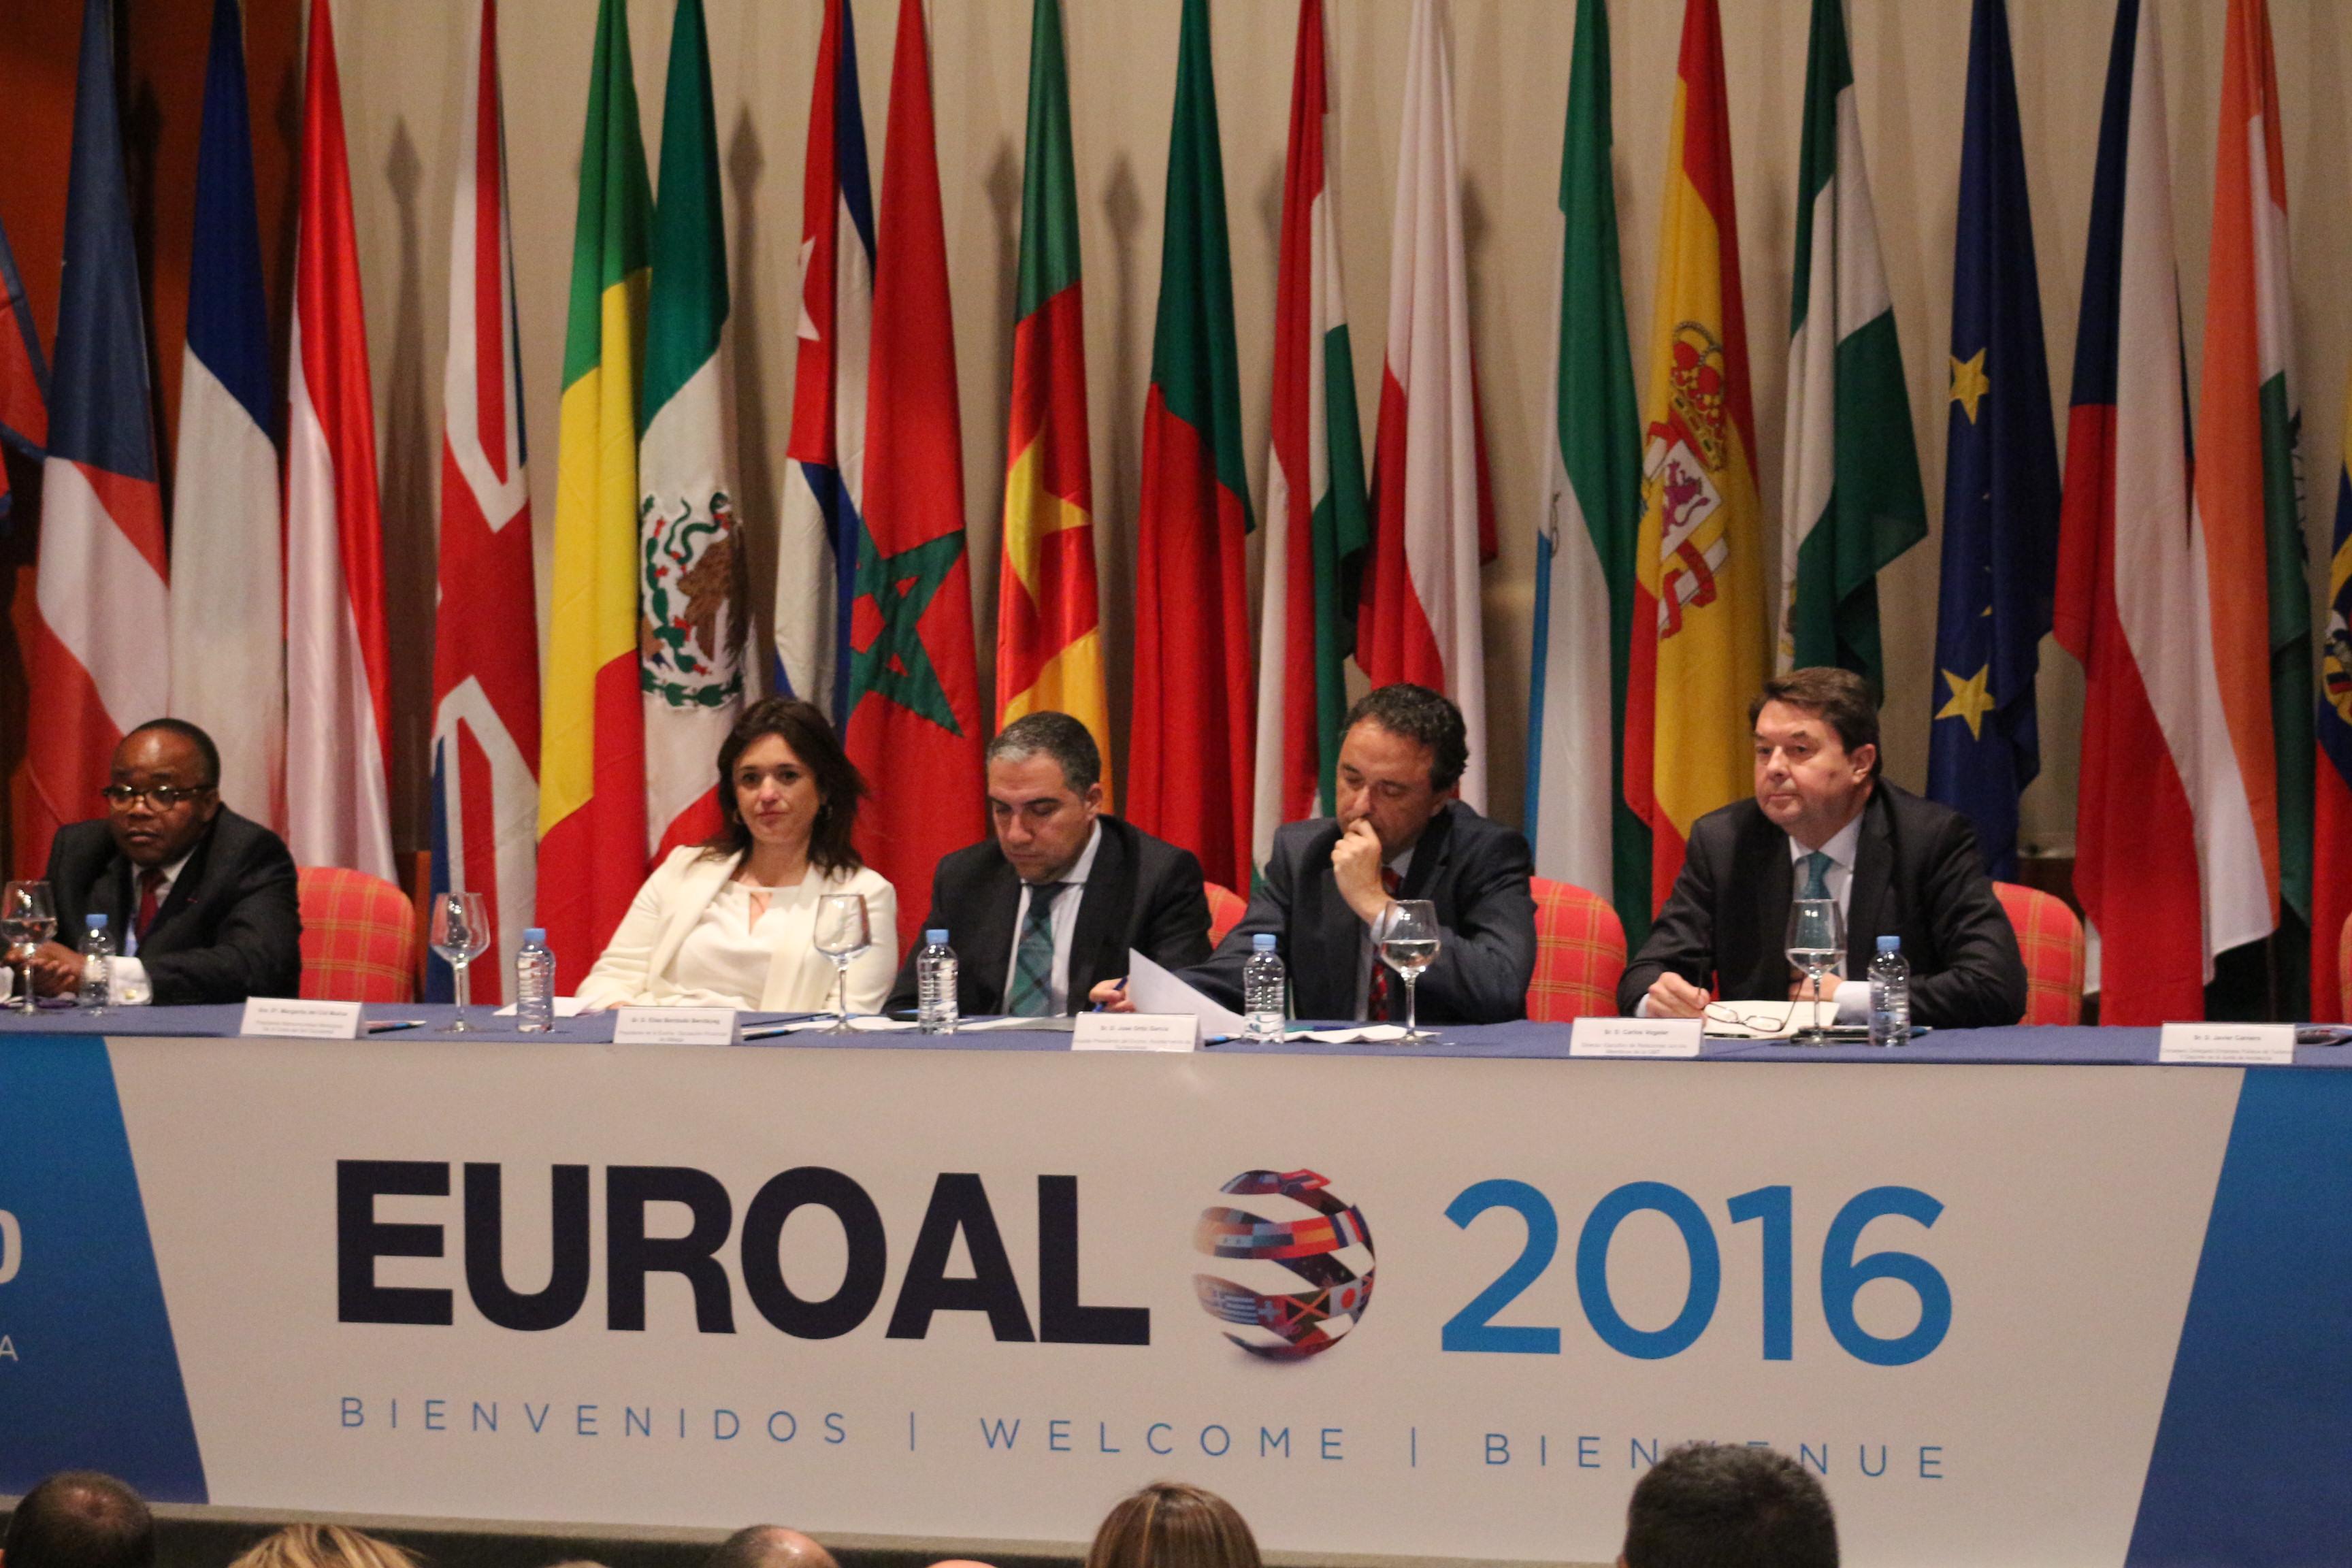 EUROAL 2016